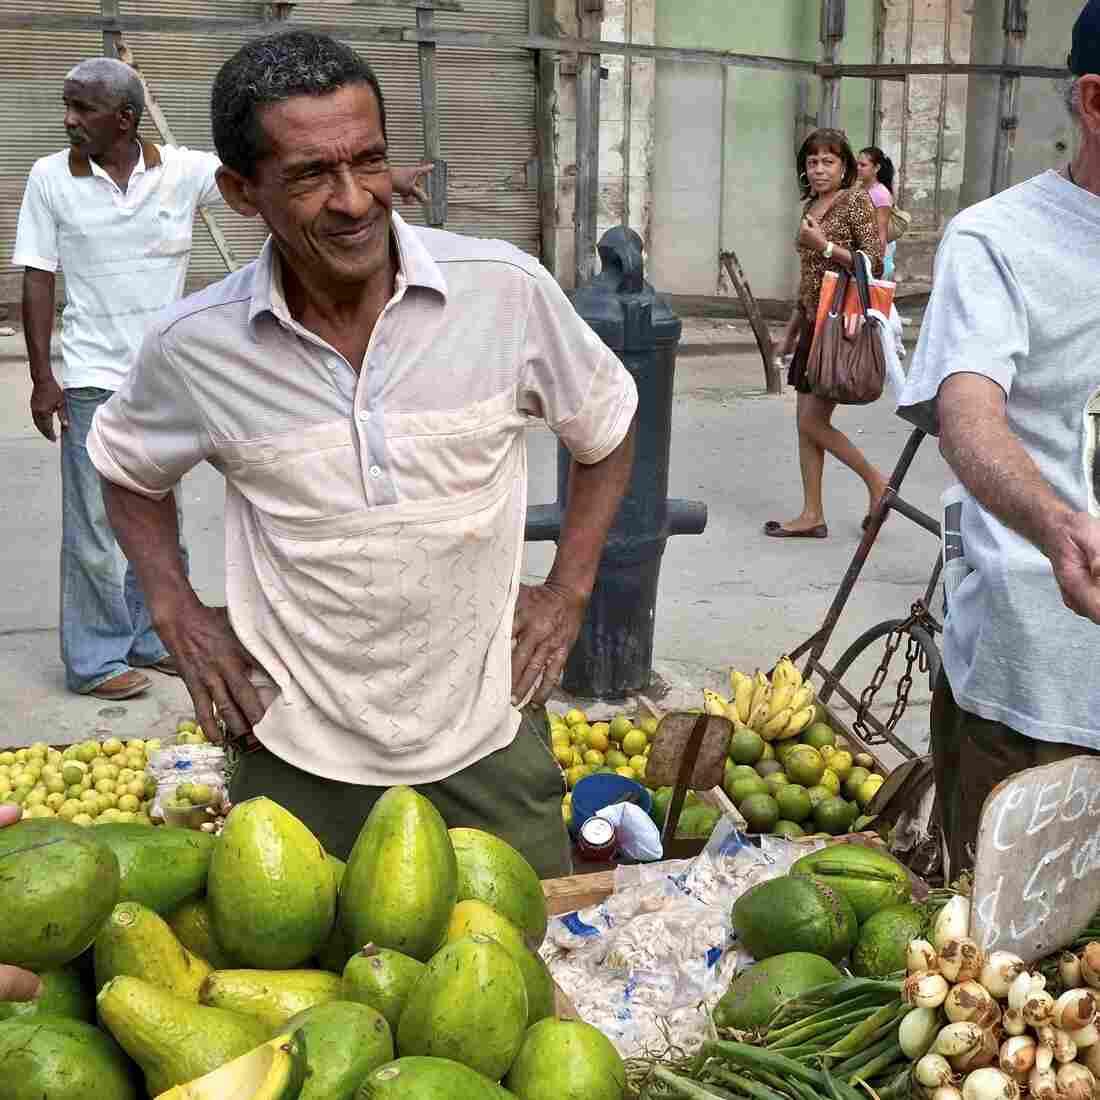 In Farmers Market, A Free Market Rises In Cuba